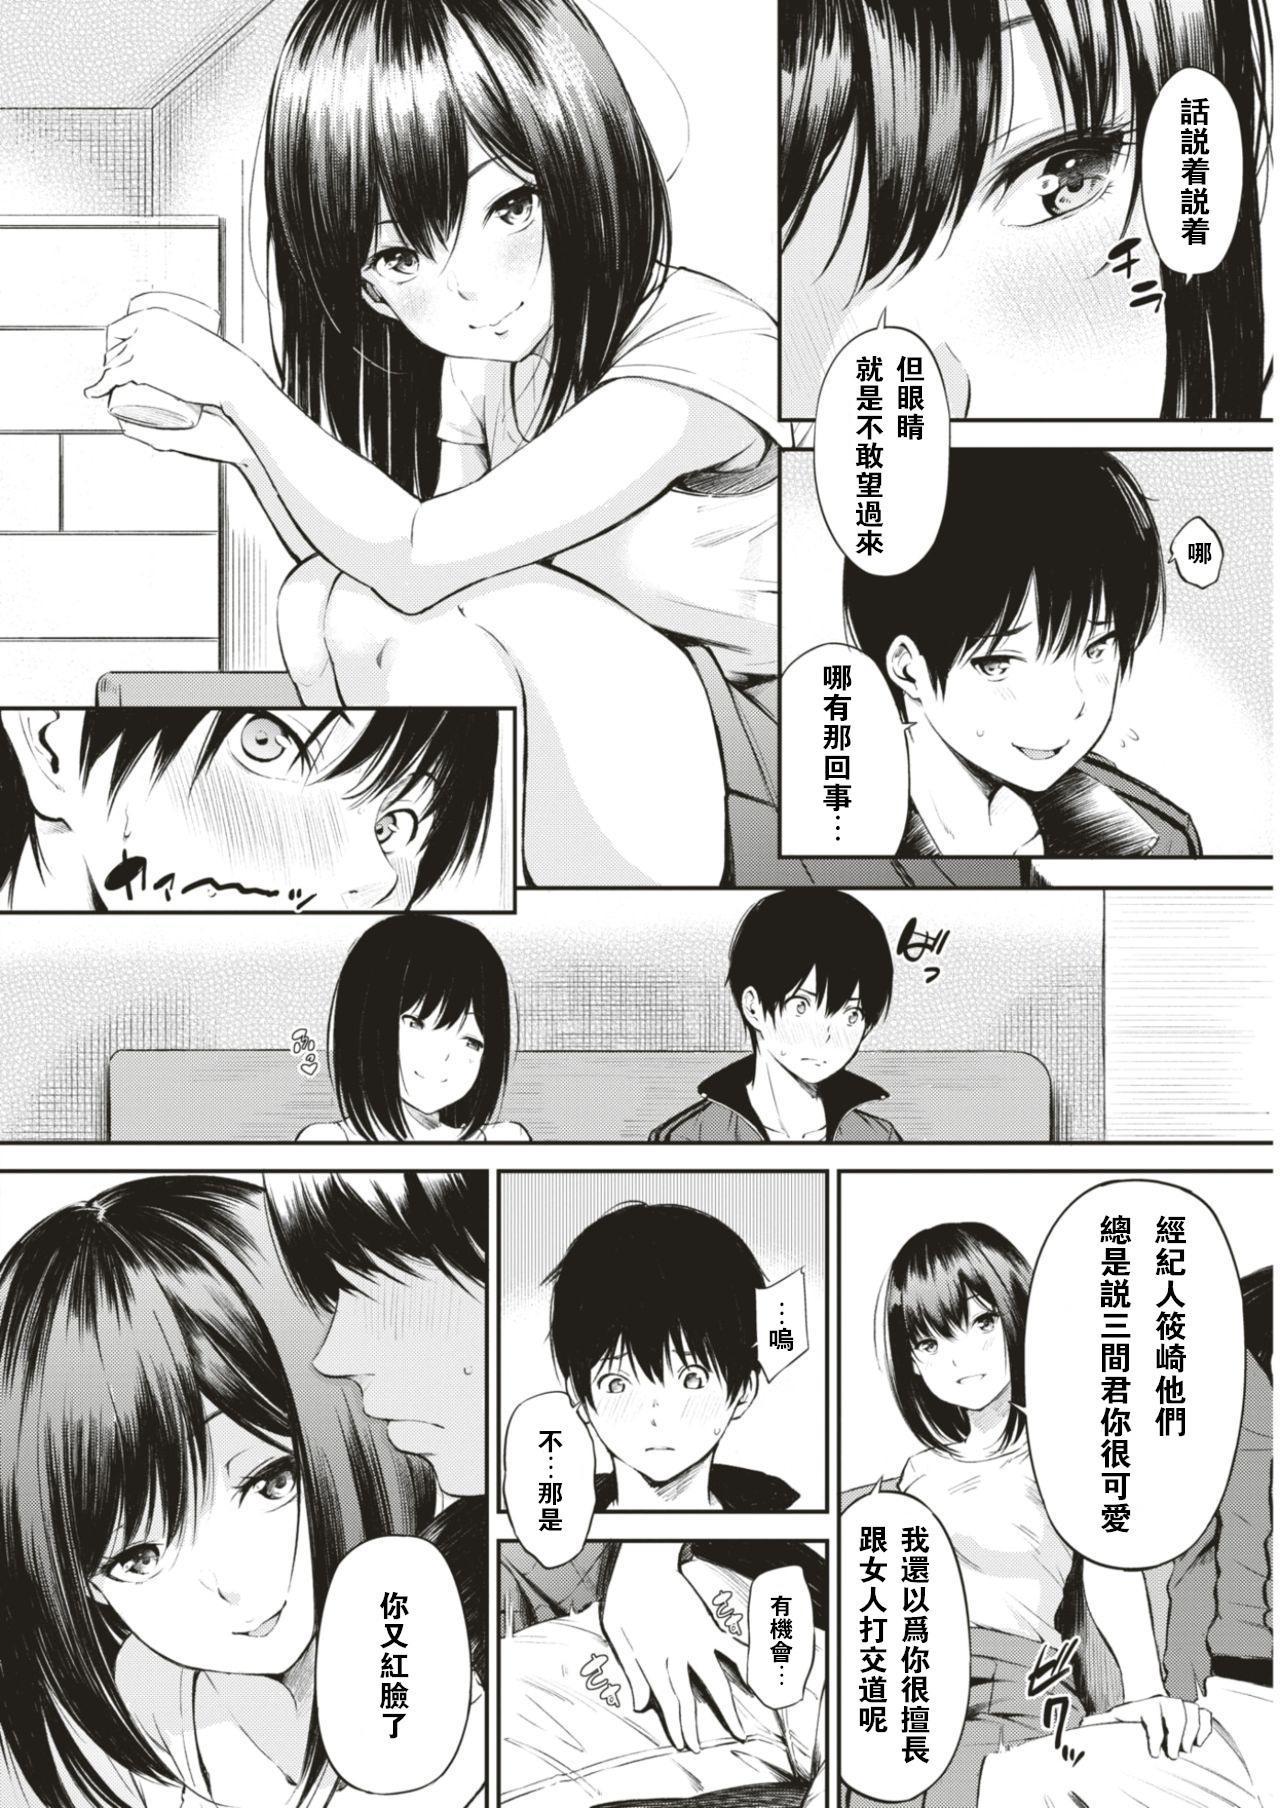 Nishina-san 6